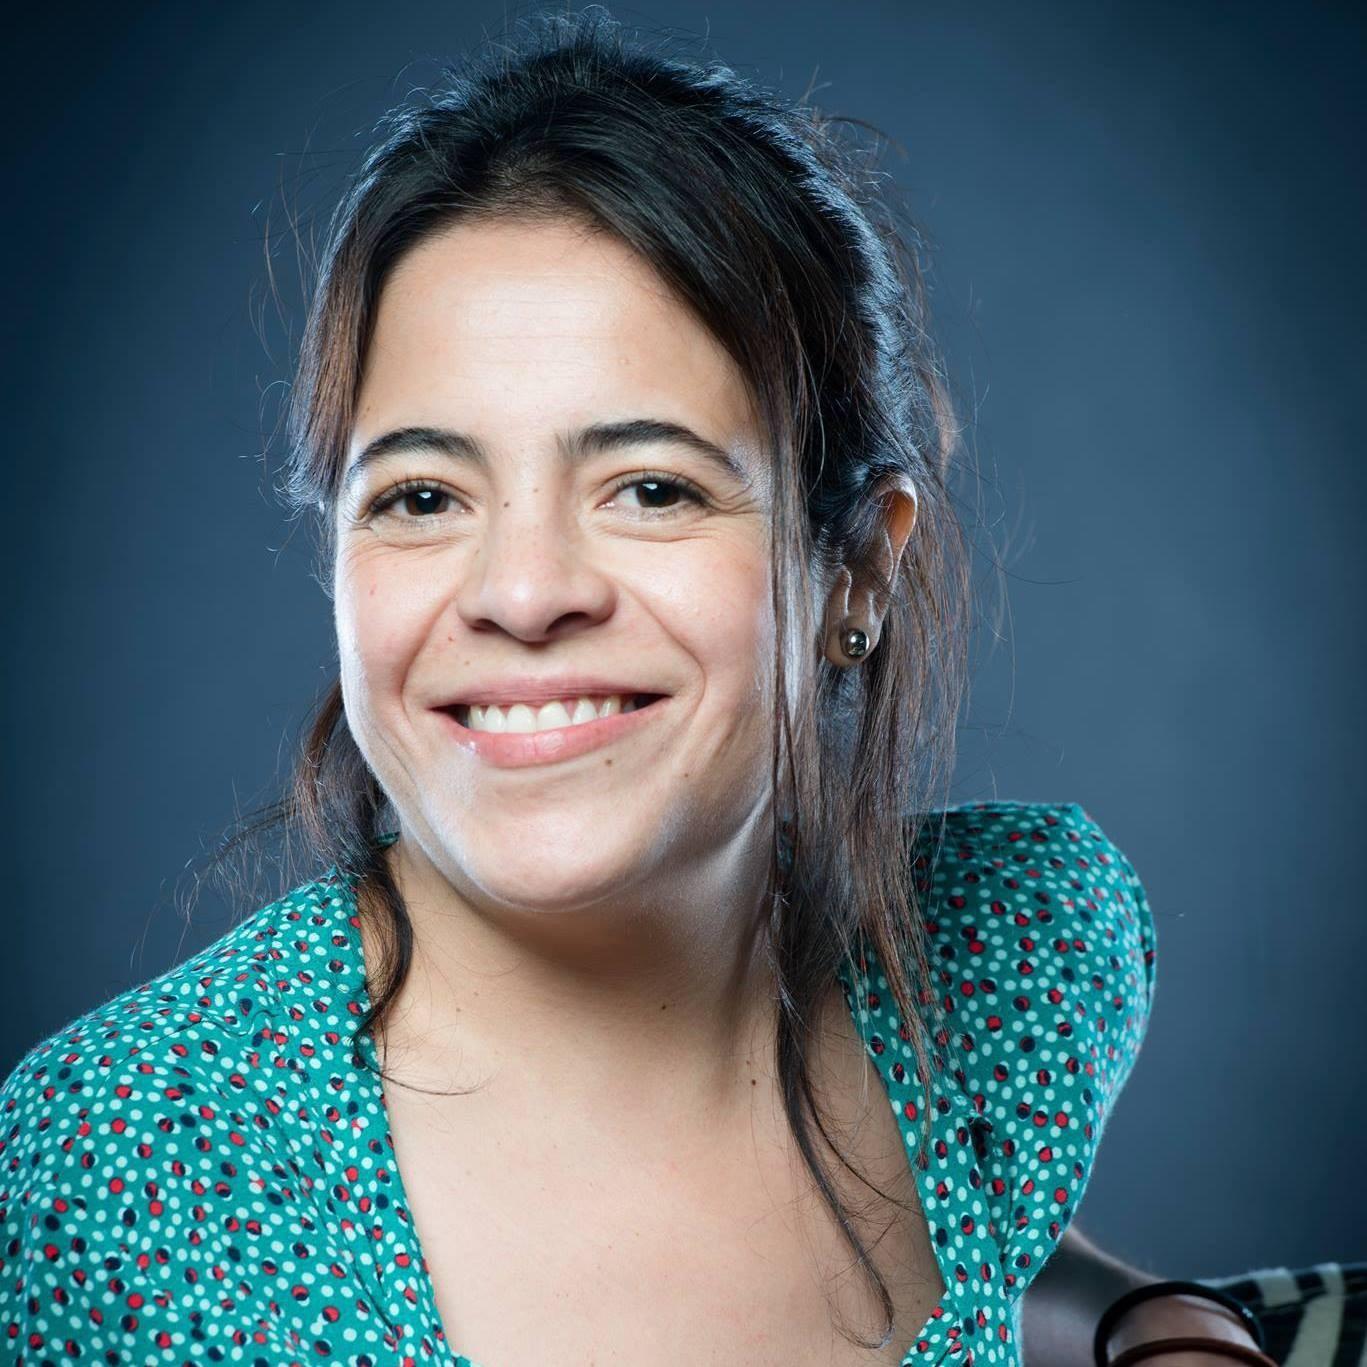 Karla Casillas Bermúdez